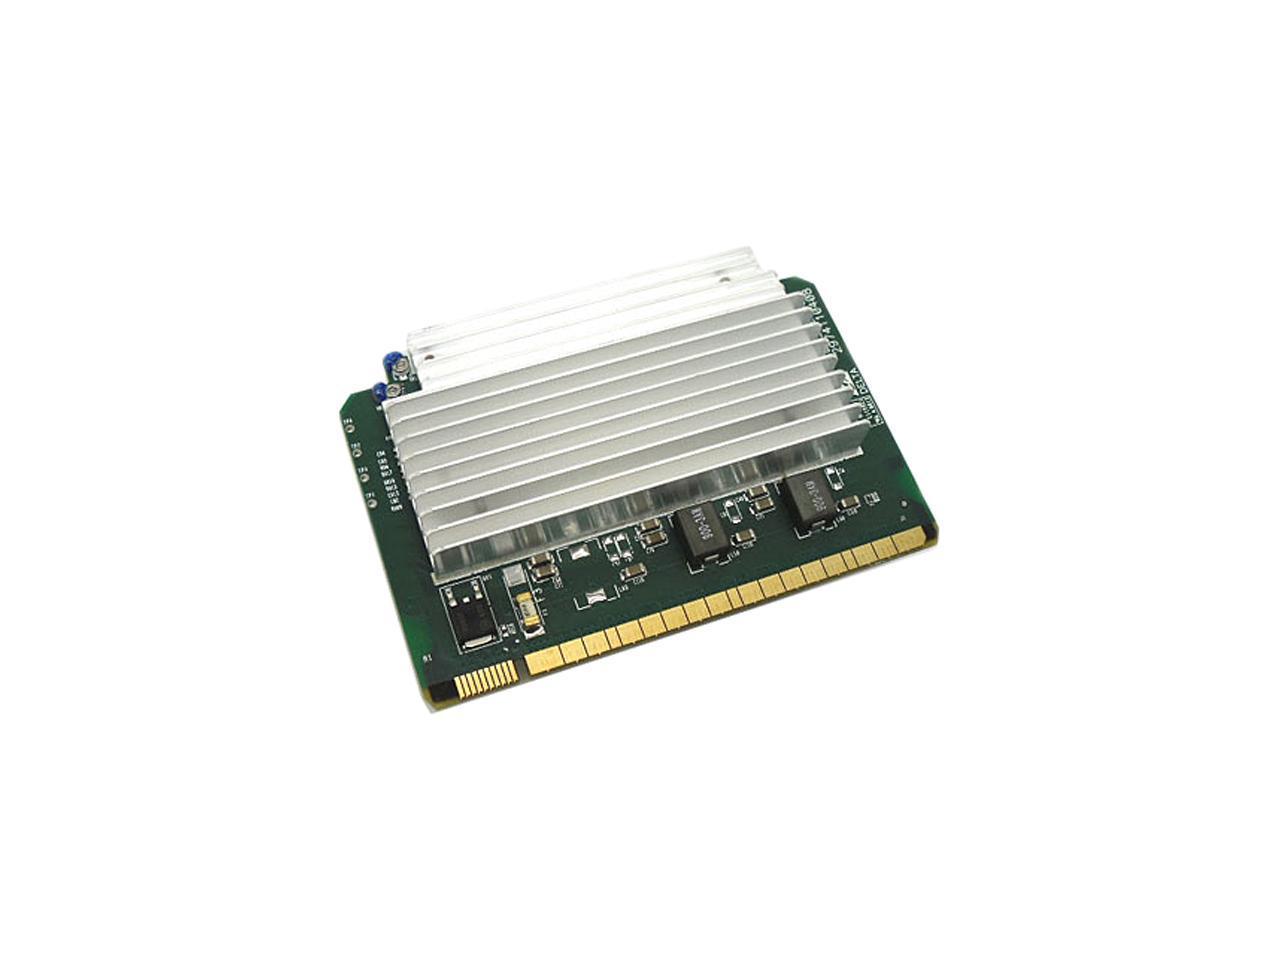 VRM HP Proliant DL385 DL380 413980-001 Voltage Regulator Module 407748-001